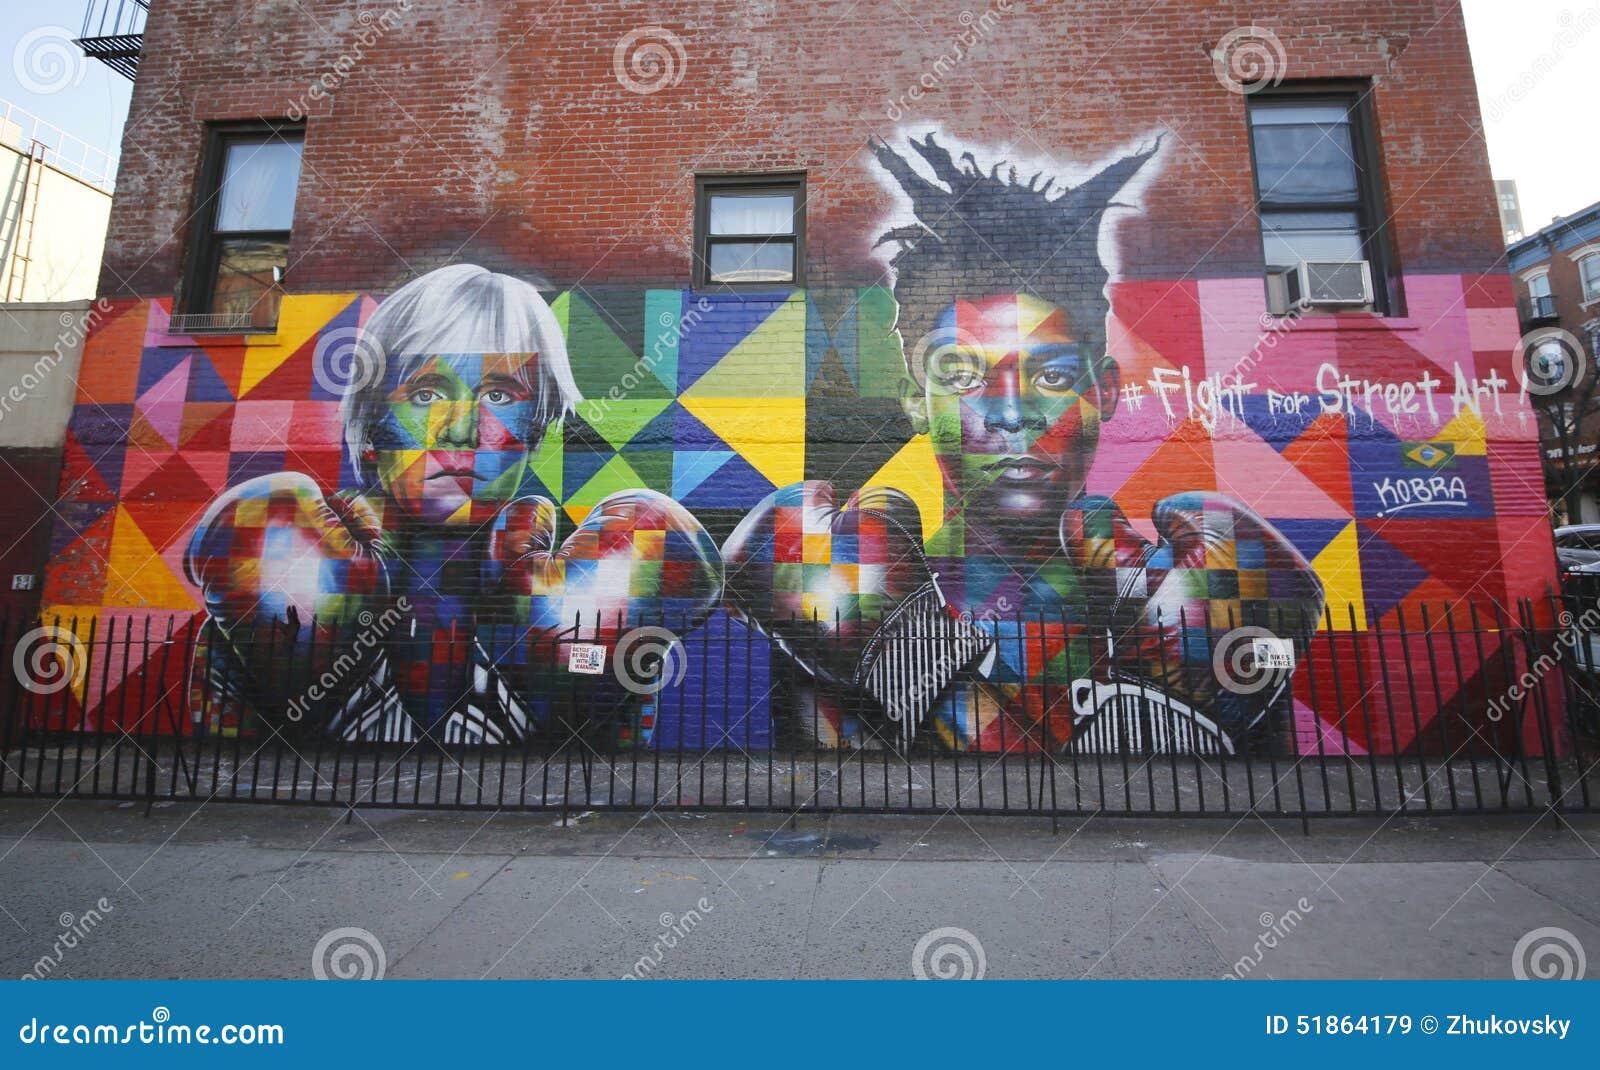 New york march 24 2015mural art by brazilian mural artist eduardo kobra recruits pop art legend andy warhol and 80s art superstar jean michel basquiat